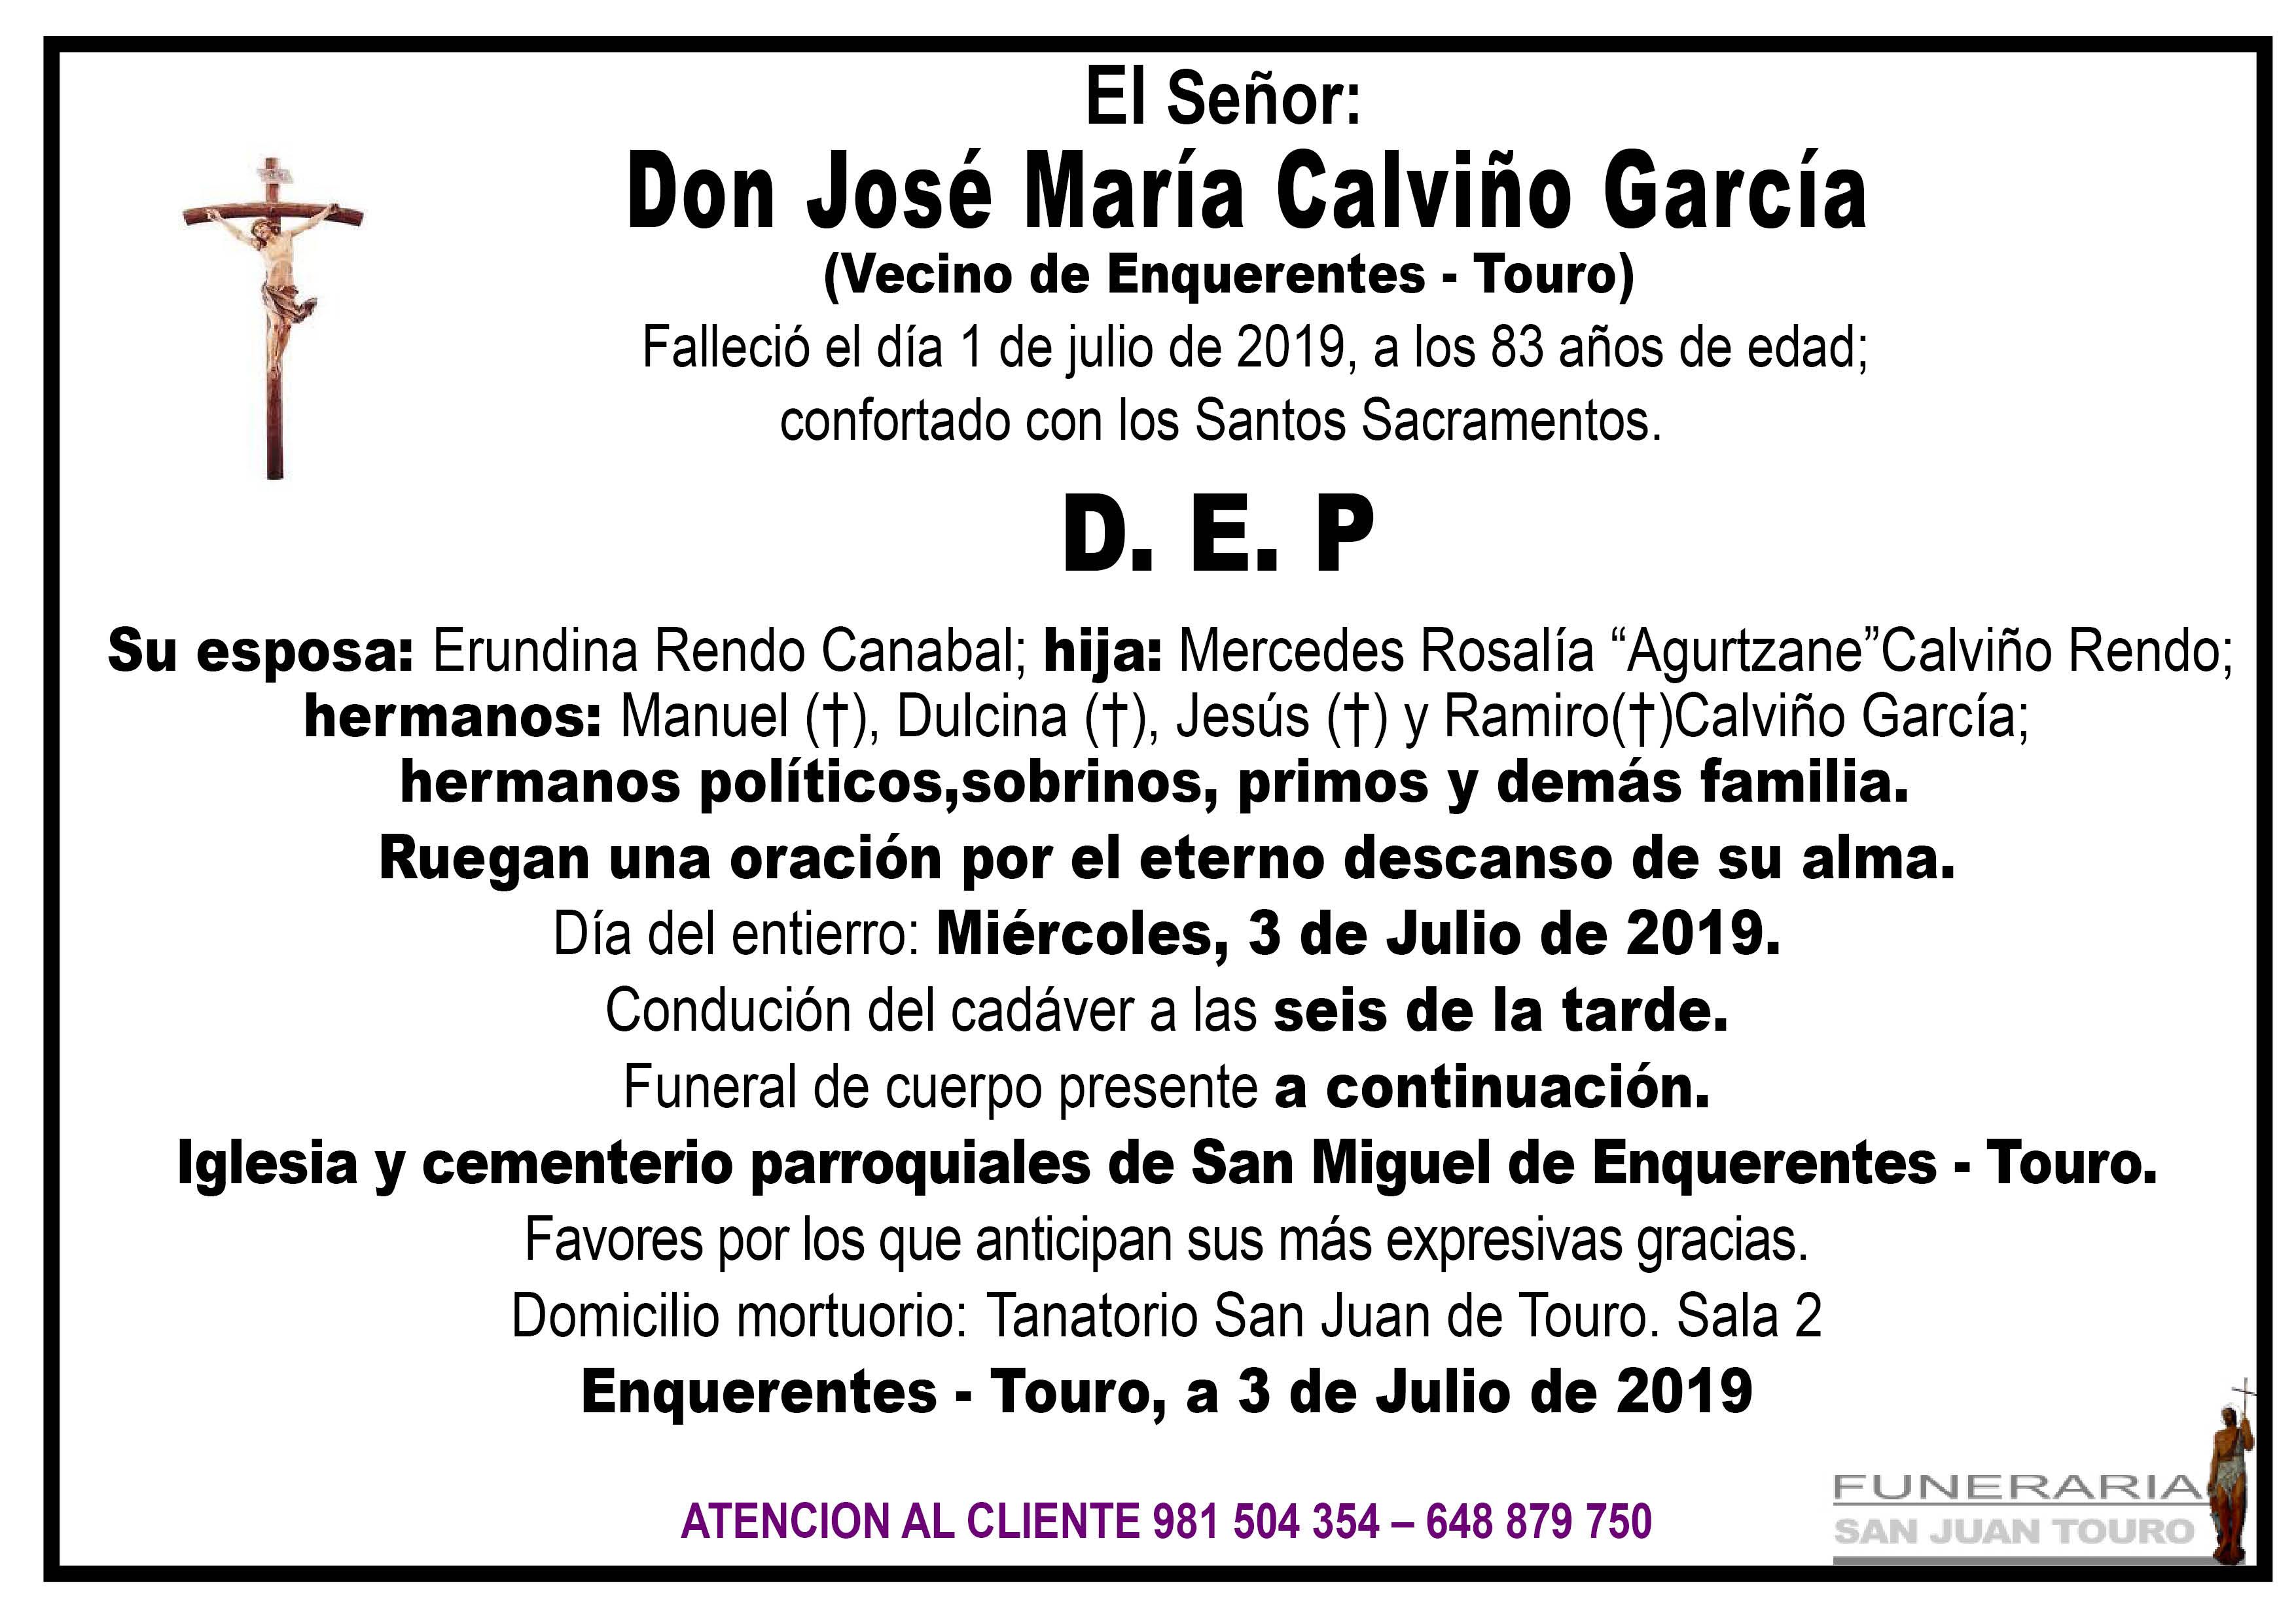 Esquela de SEPELIO DE DON JOSÉ MARÍA CALVIÑO GARCÍA